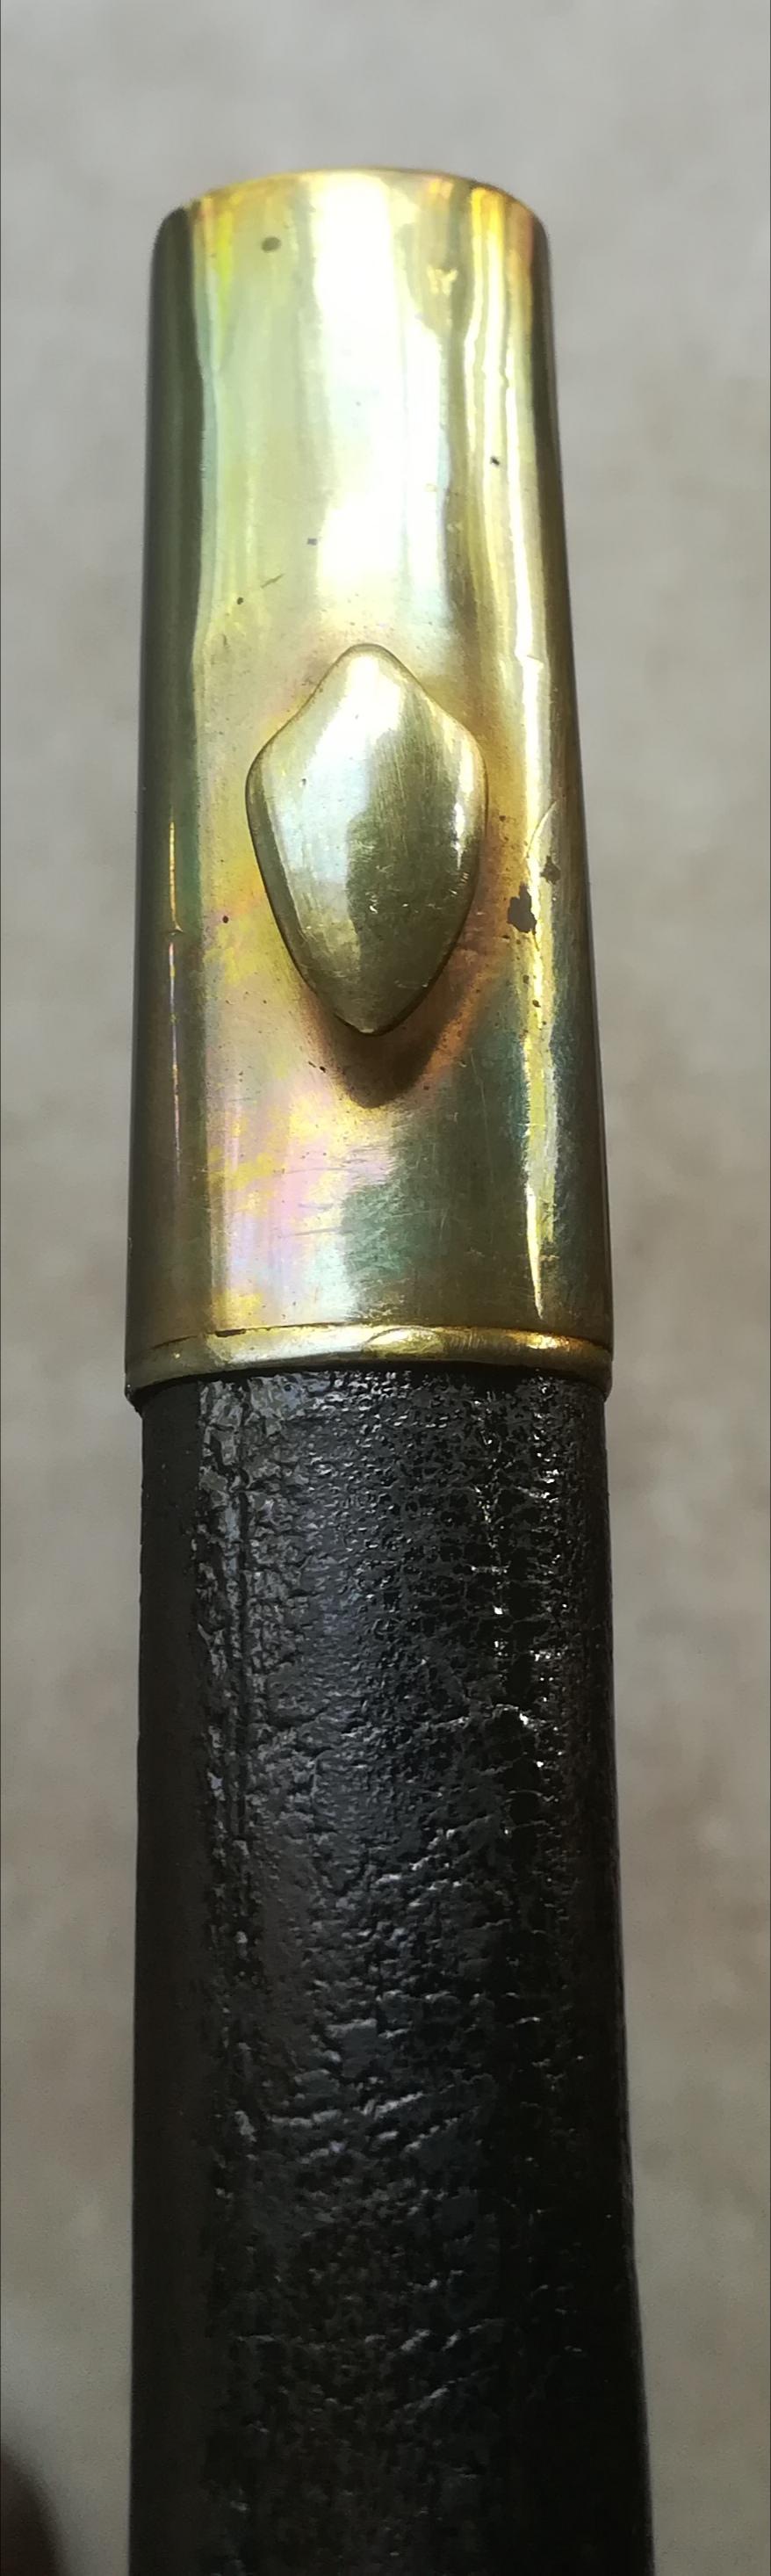 identification épée française . Img_2132